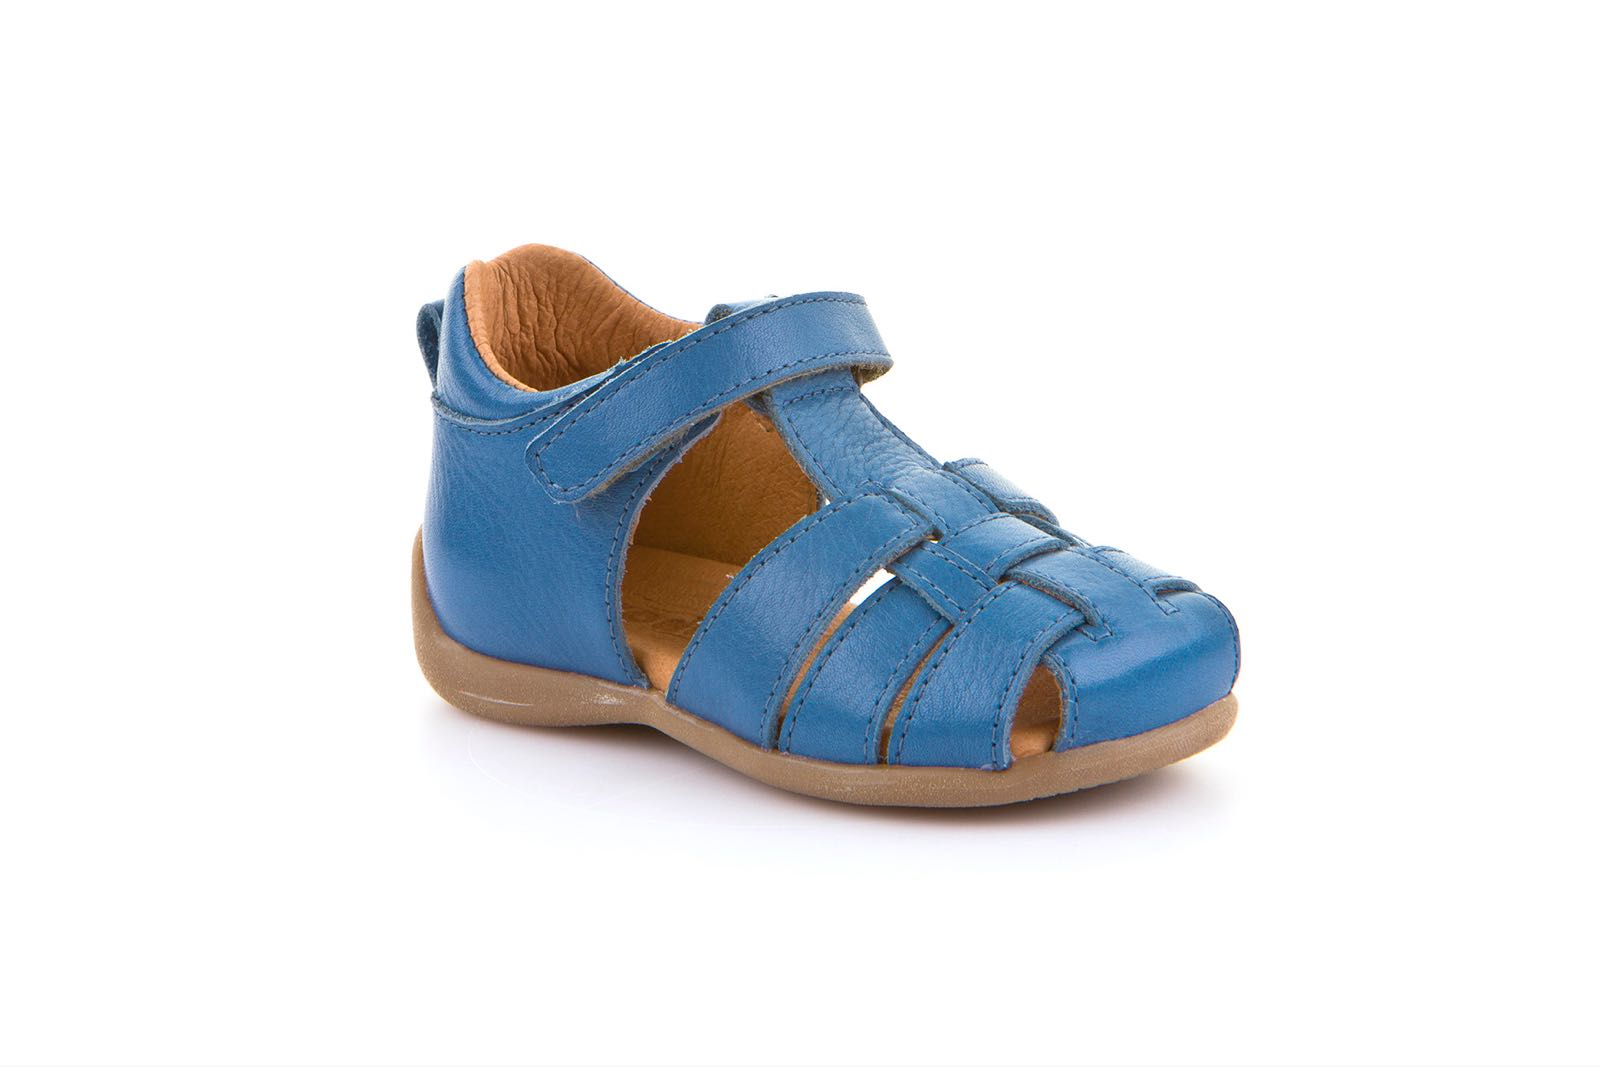 Froddo Denim Sandal G2150093-1